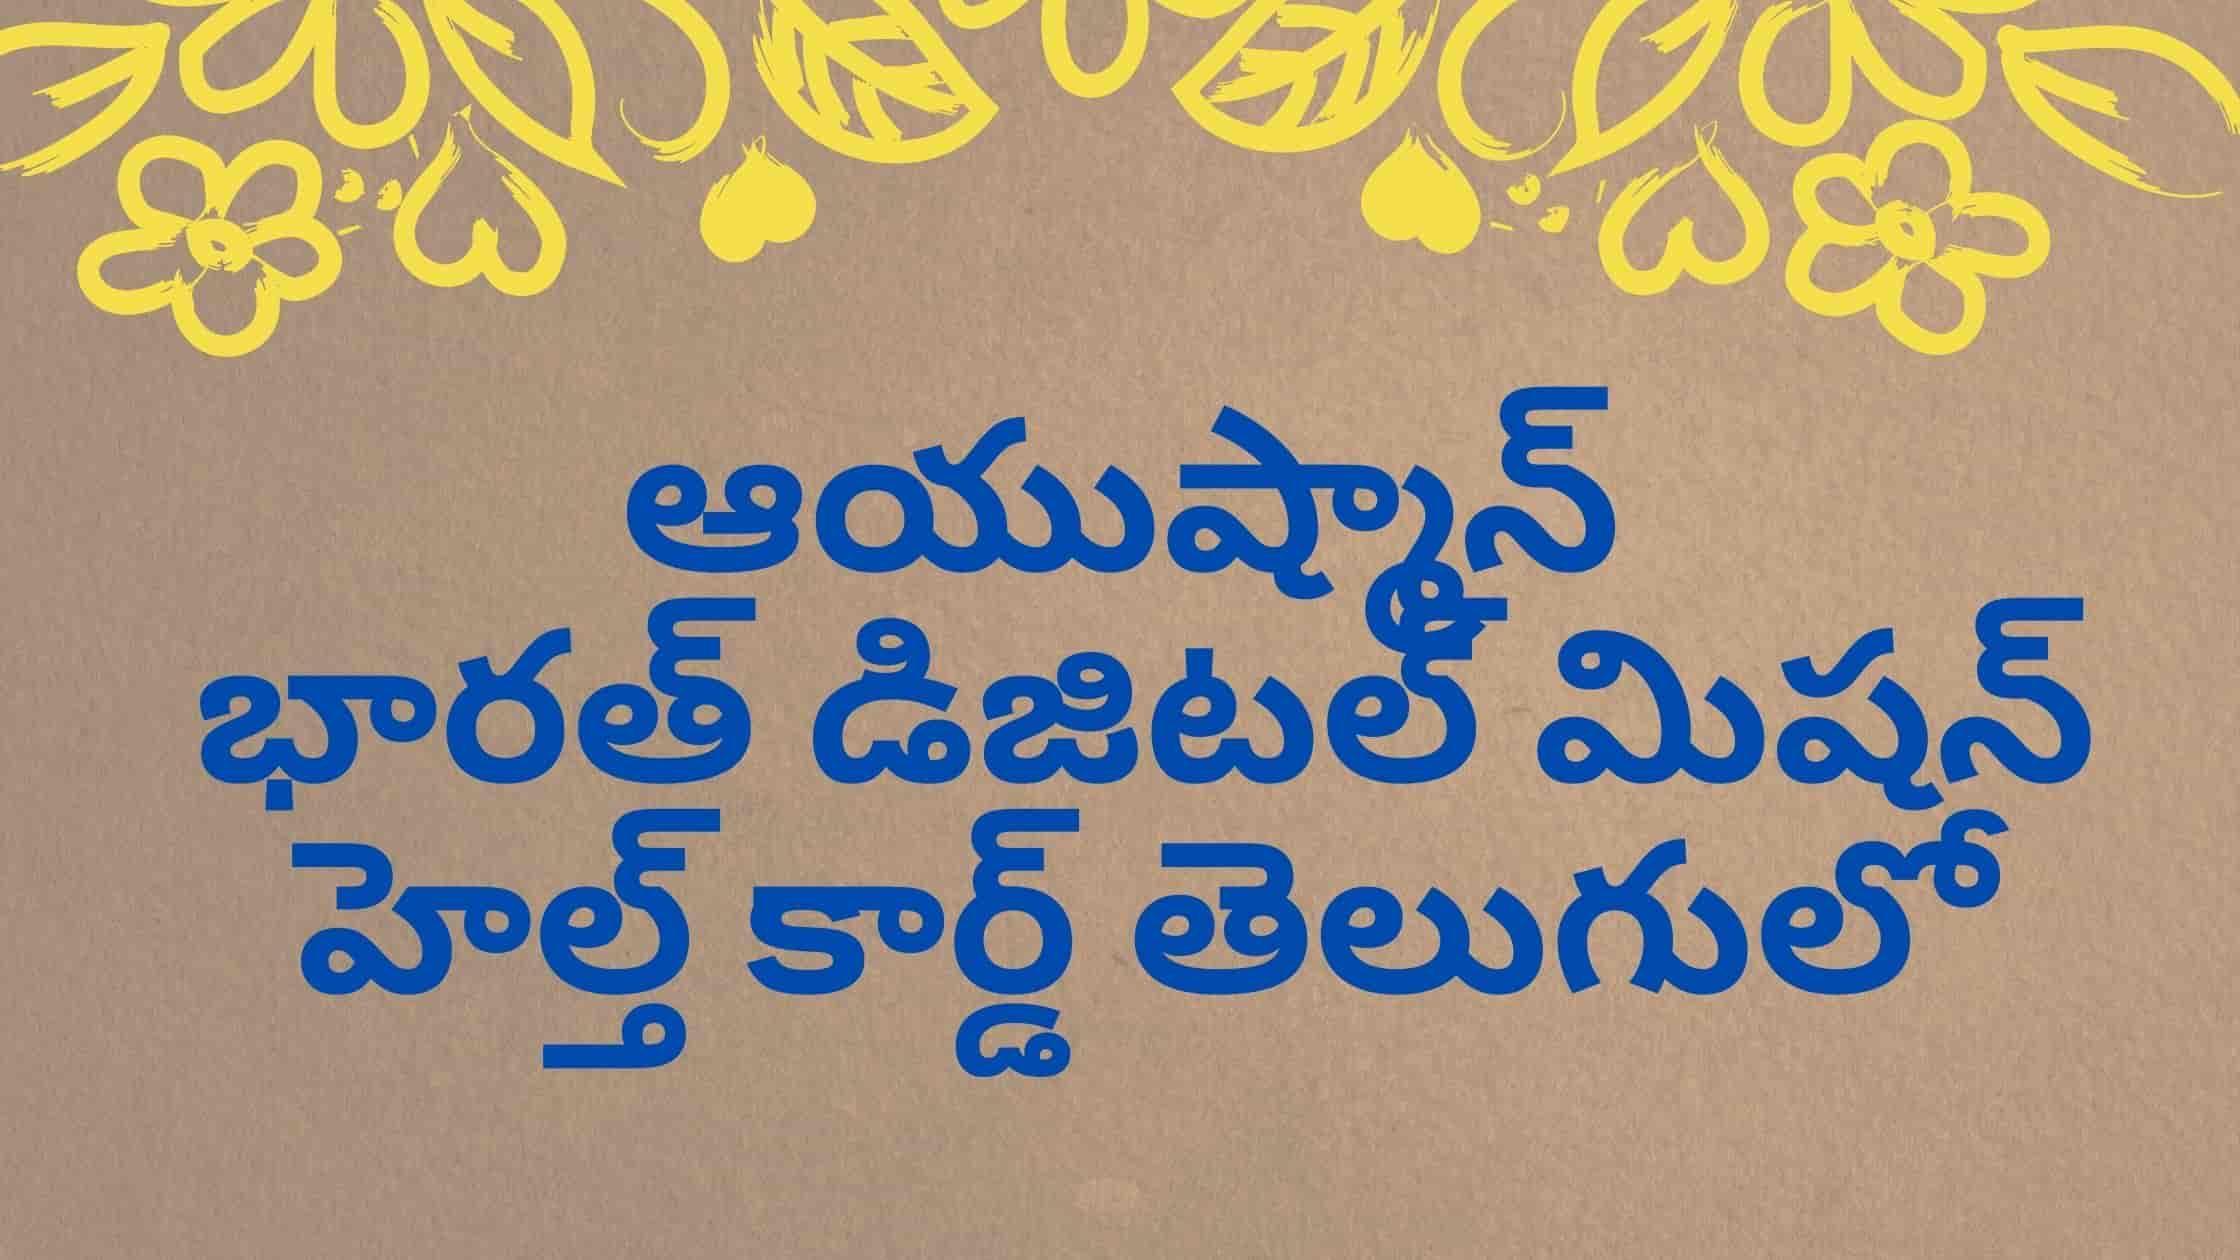 ayushman bharat digital mission health card in telugu